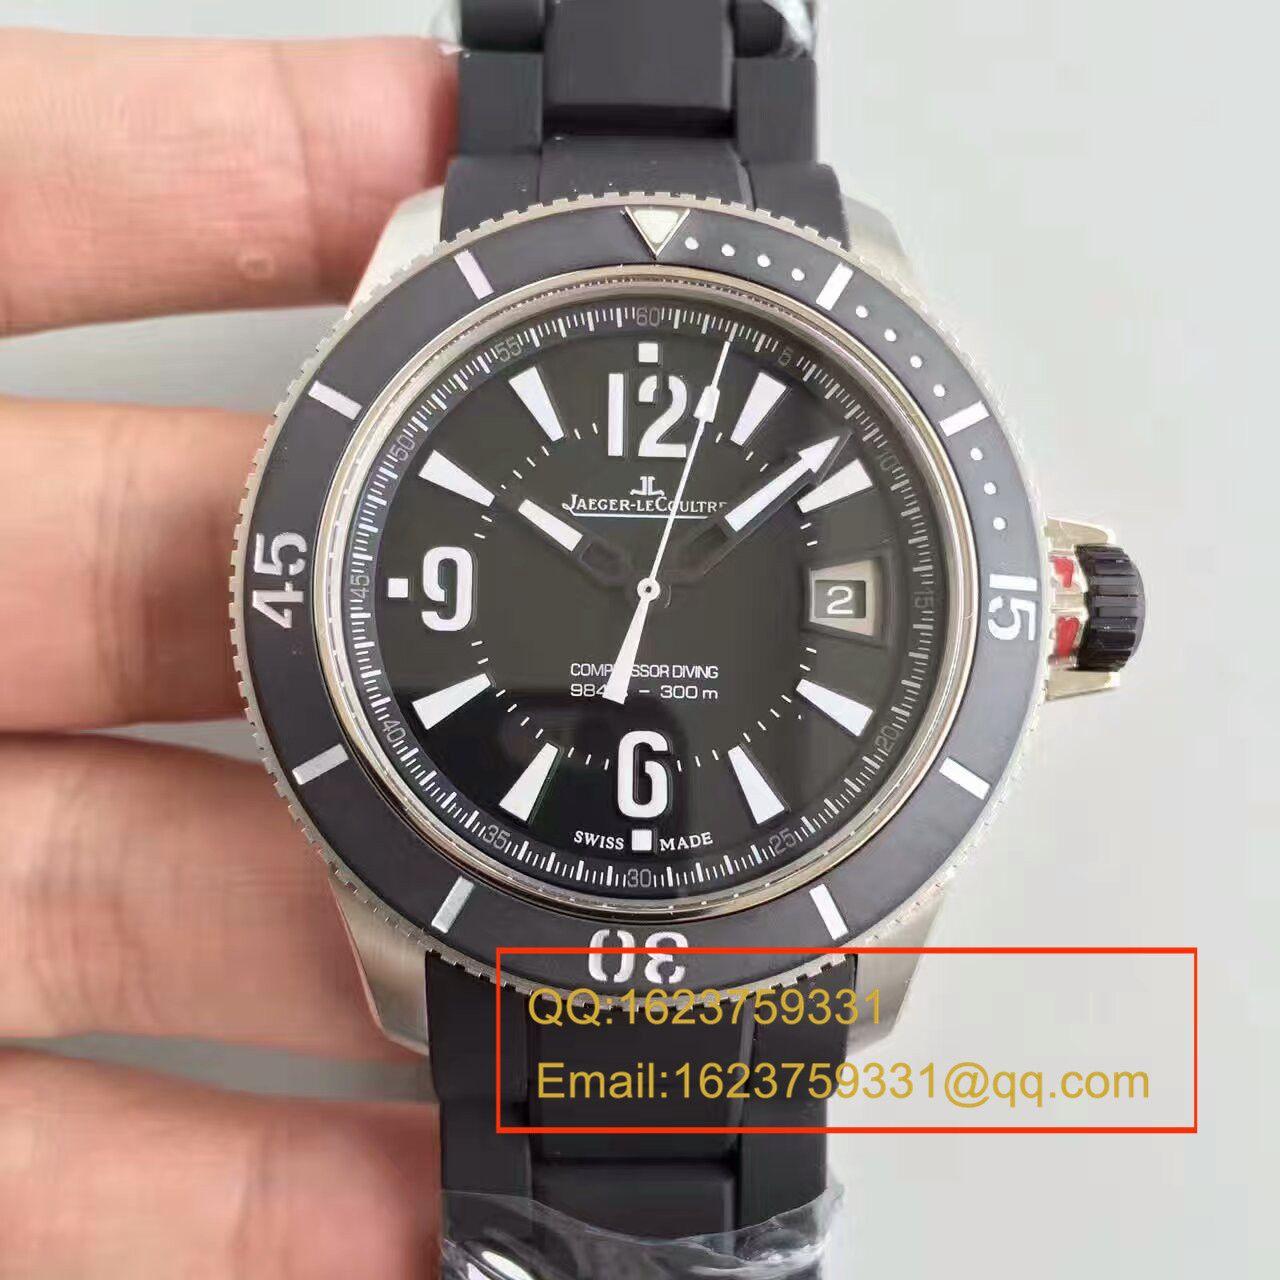 【独家视频测评N一比一超A高仿手表】复刻神器积家极限大师系列 Q2018770 腕表 / JJBF030